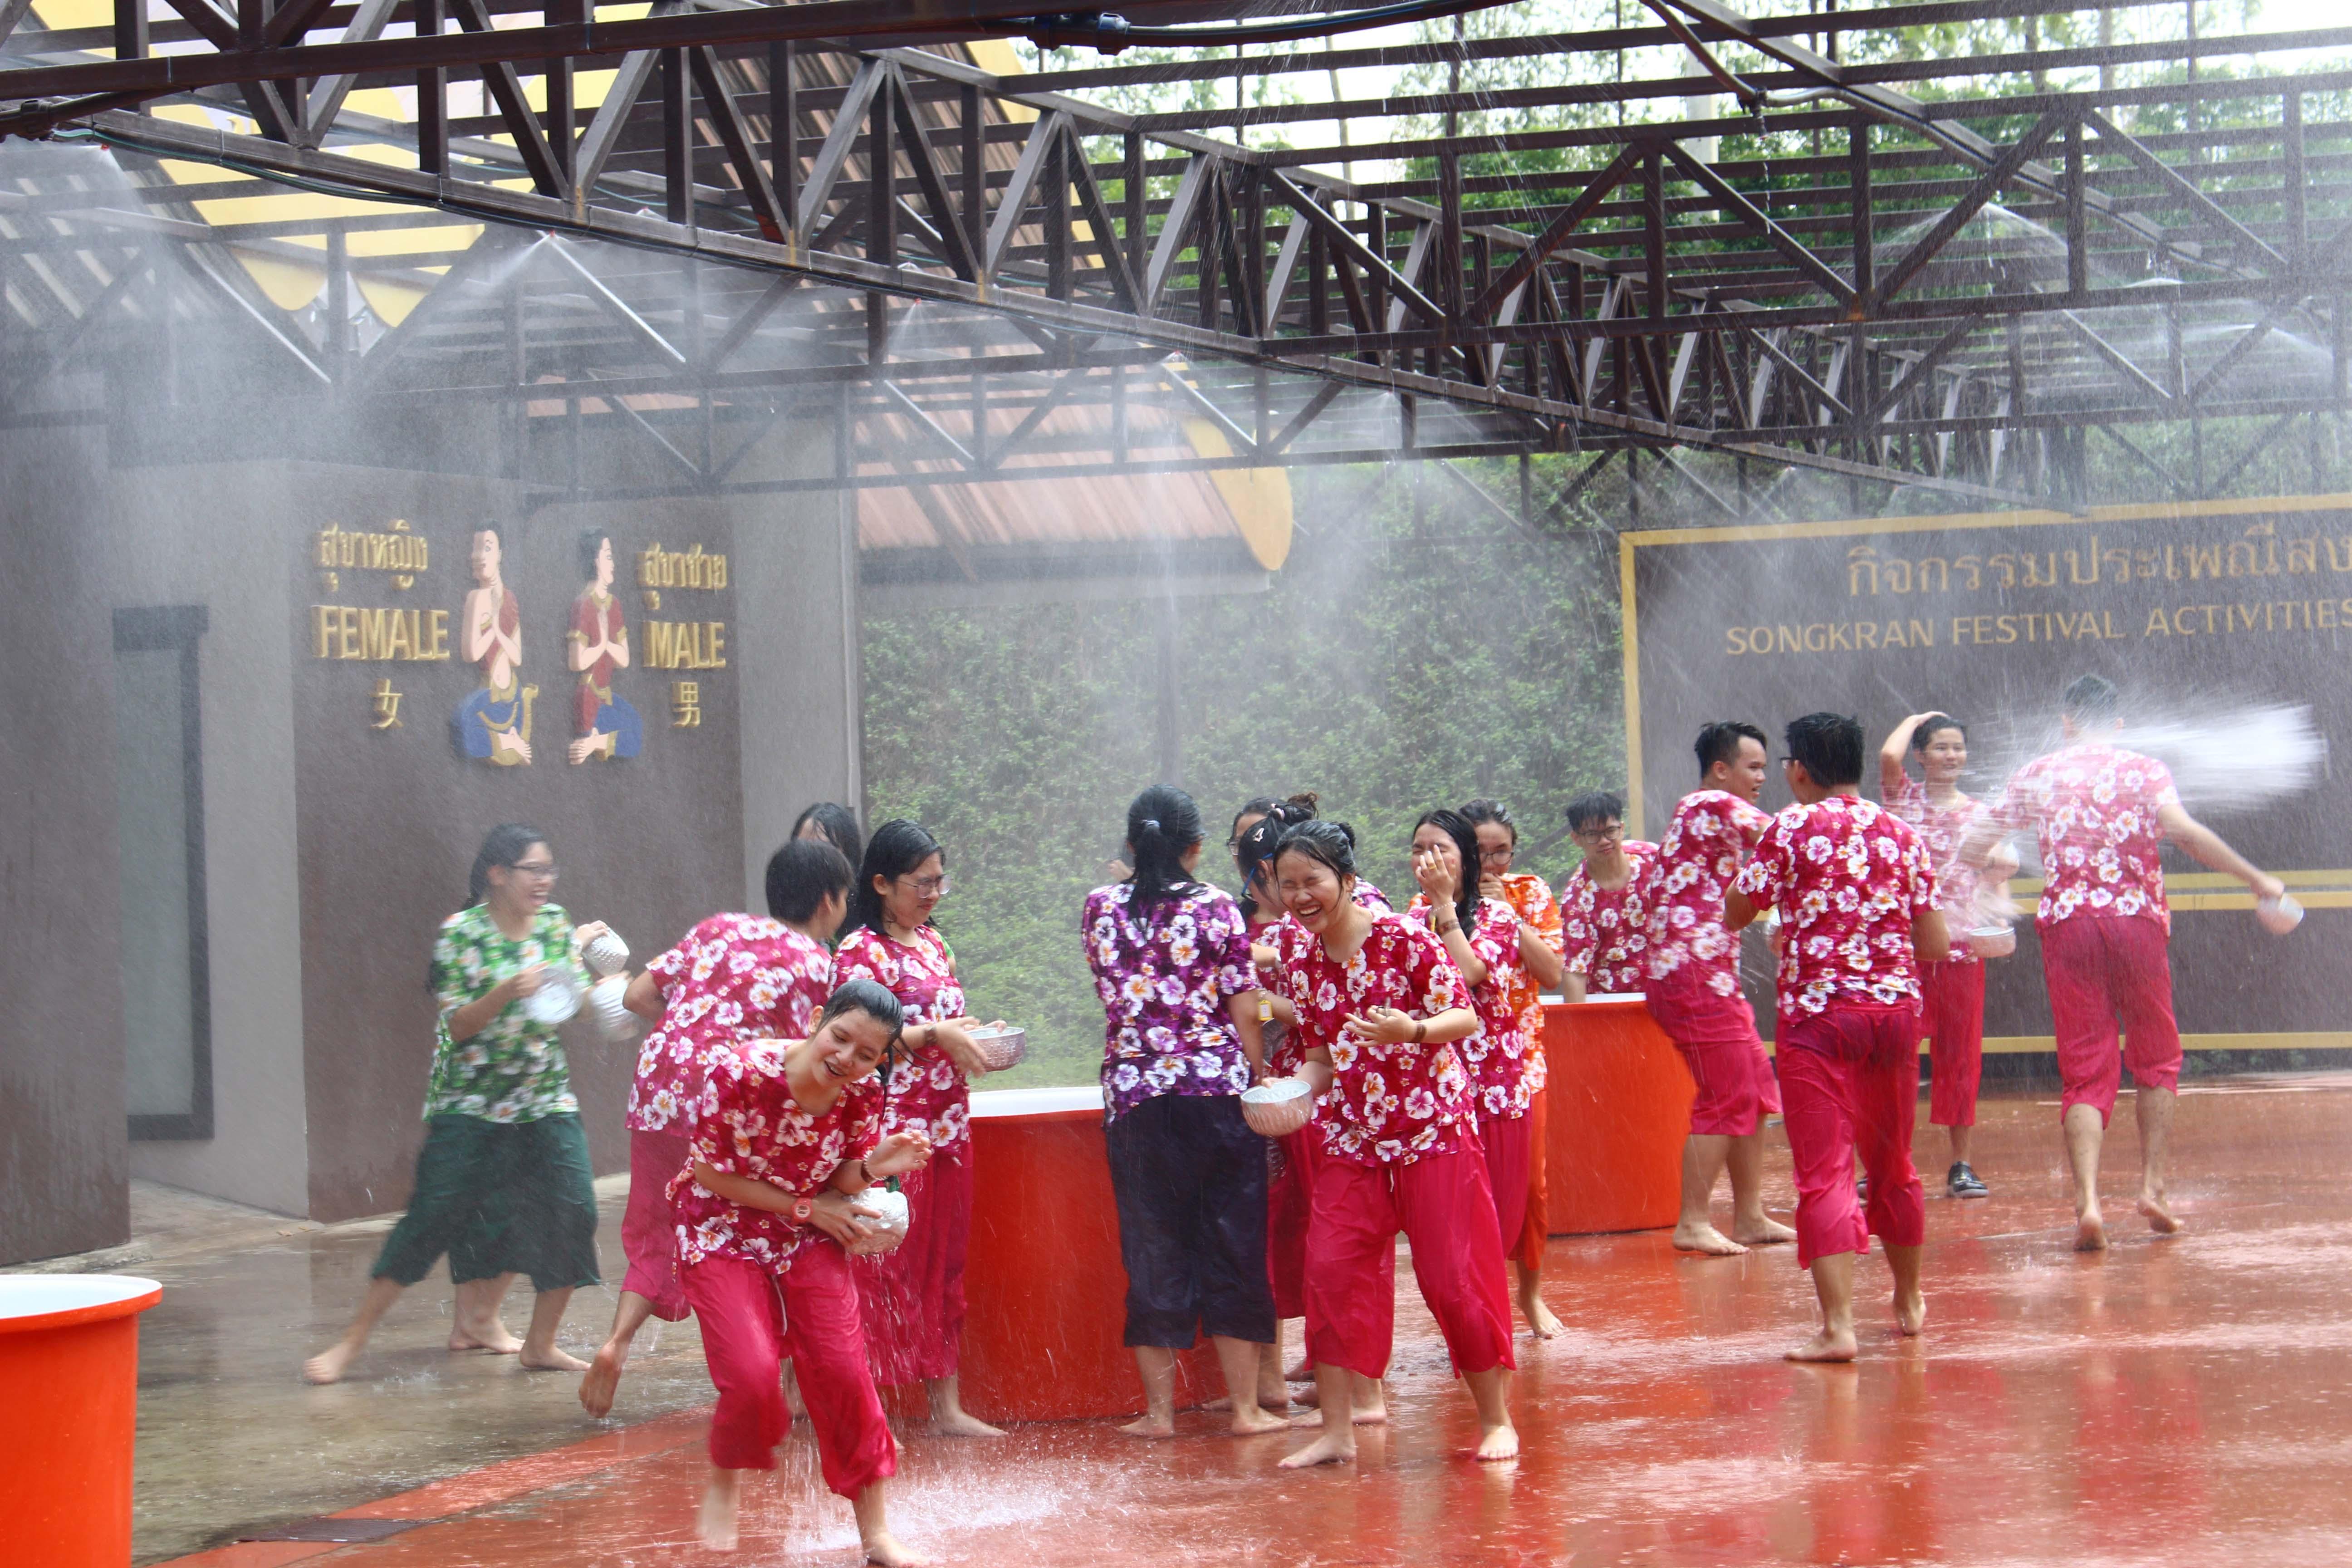 Trải nghiệm lễ hội té nước Songkran theo một cách rất riêng của WASSers Tây Úc